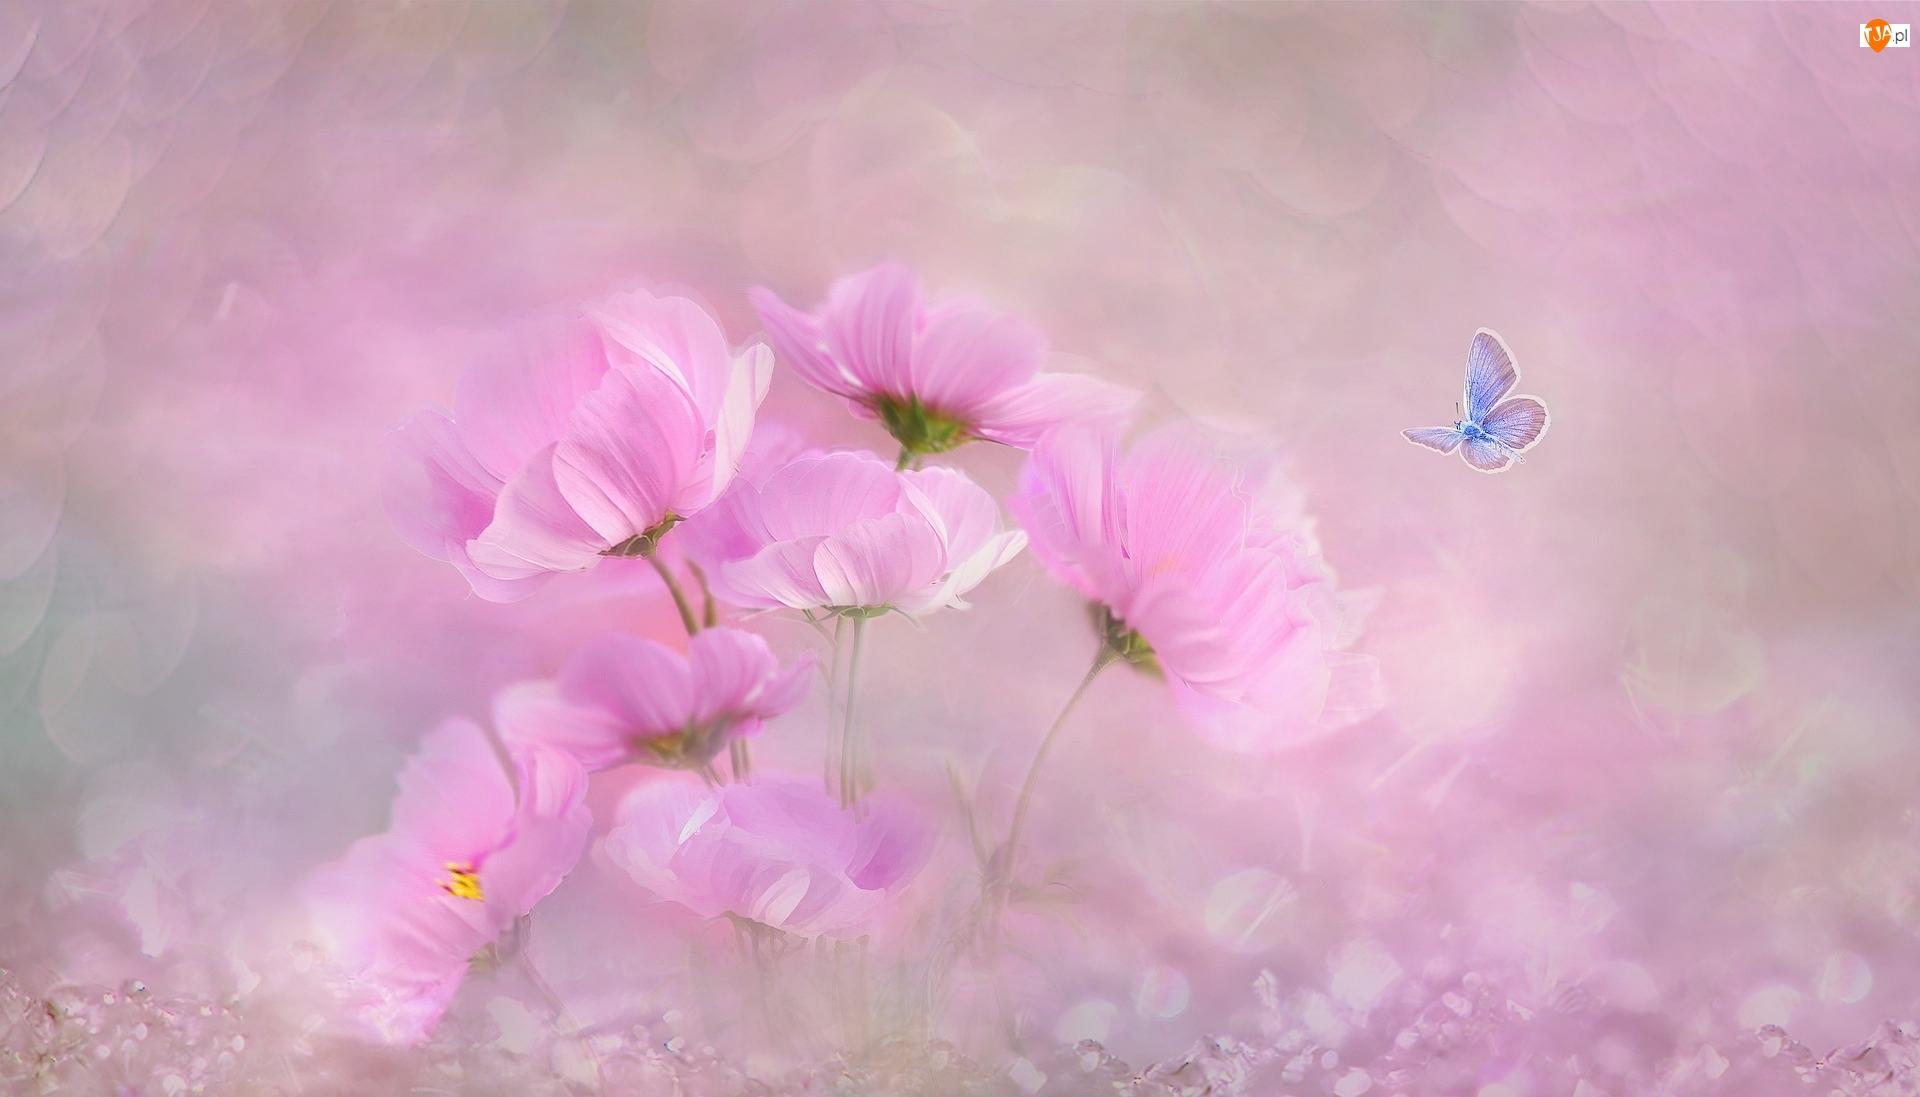 Kosmea, Modraszek ikar, Kwiaty, Różowe, Motyl